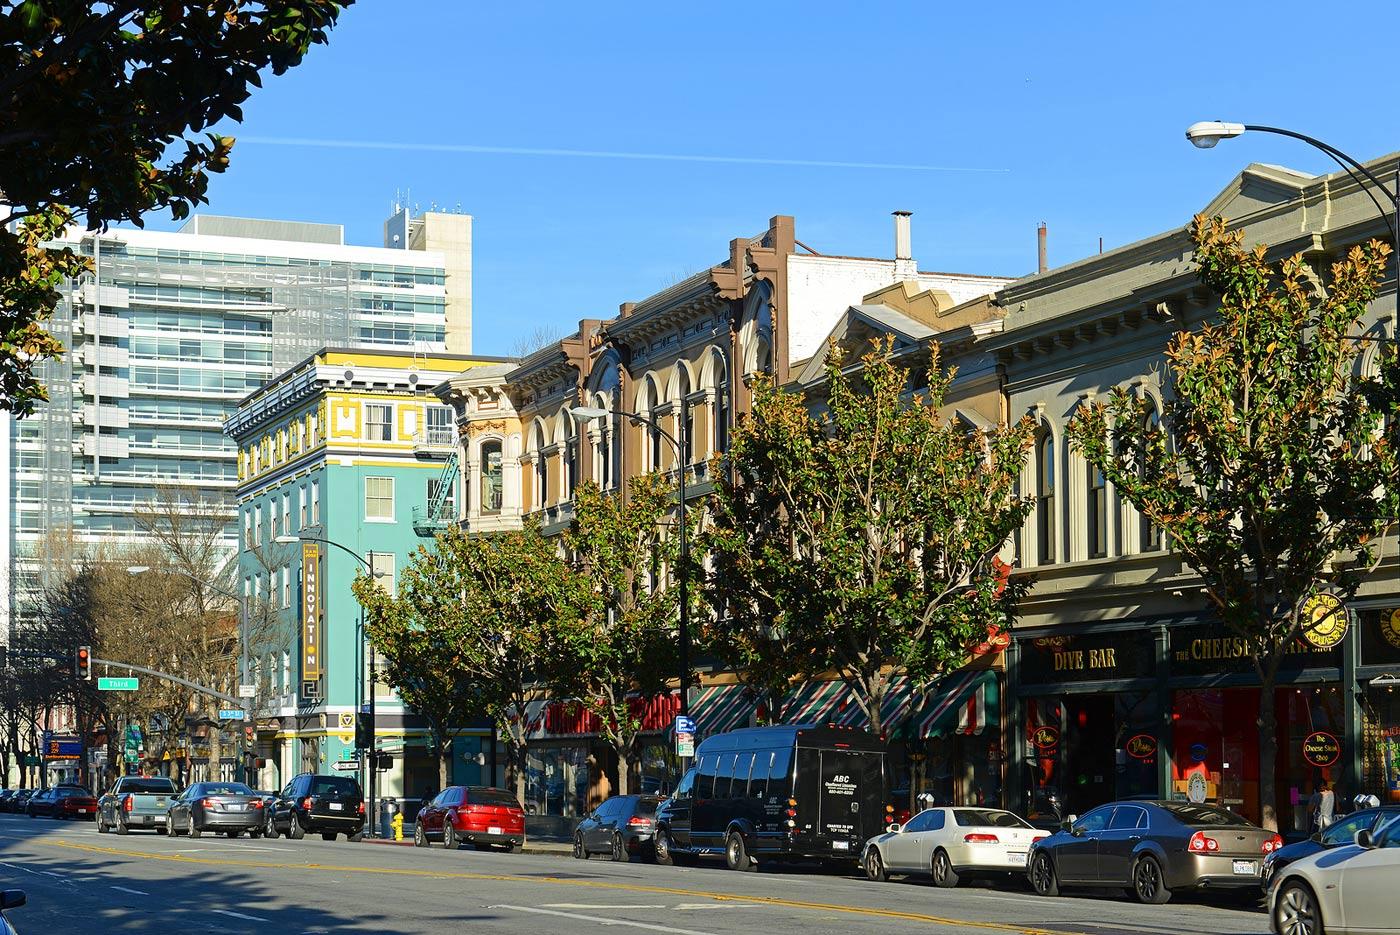 San Jose CA property management